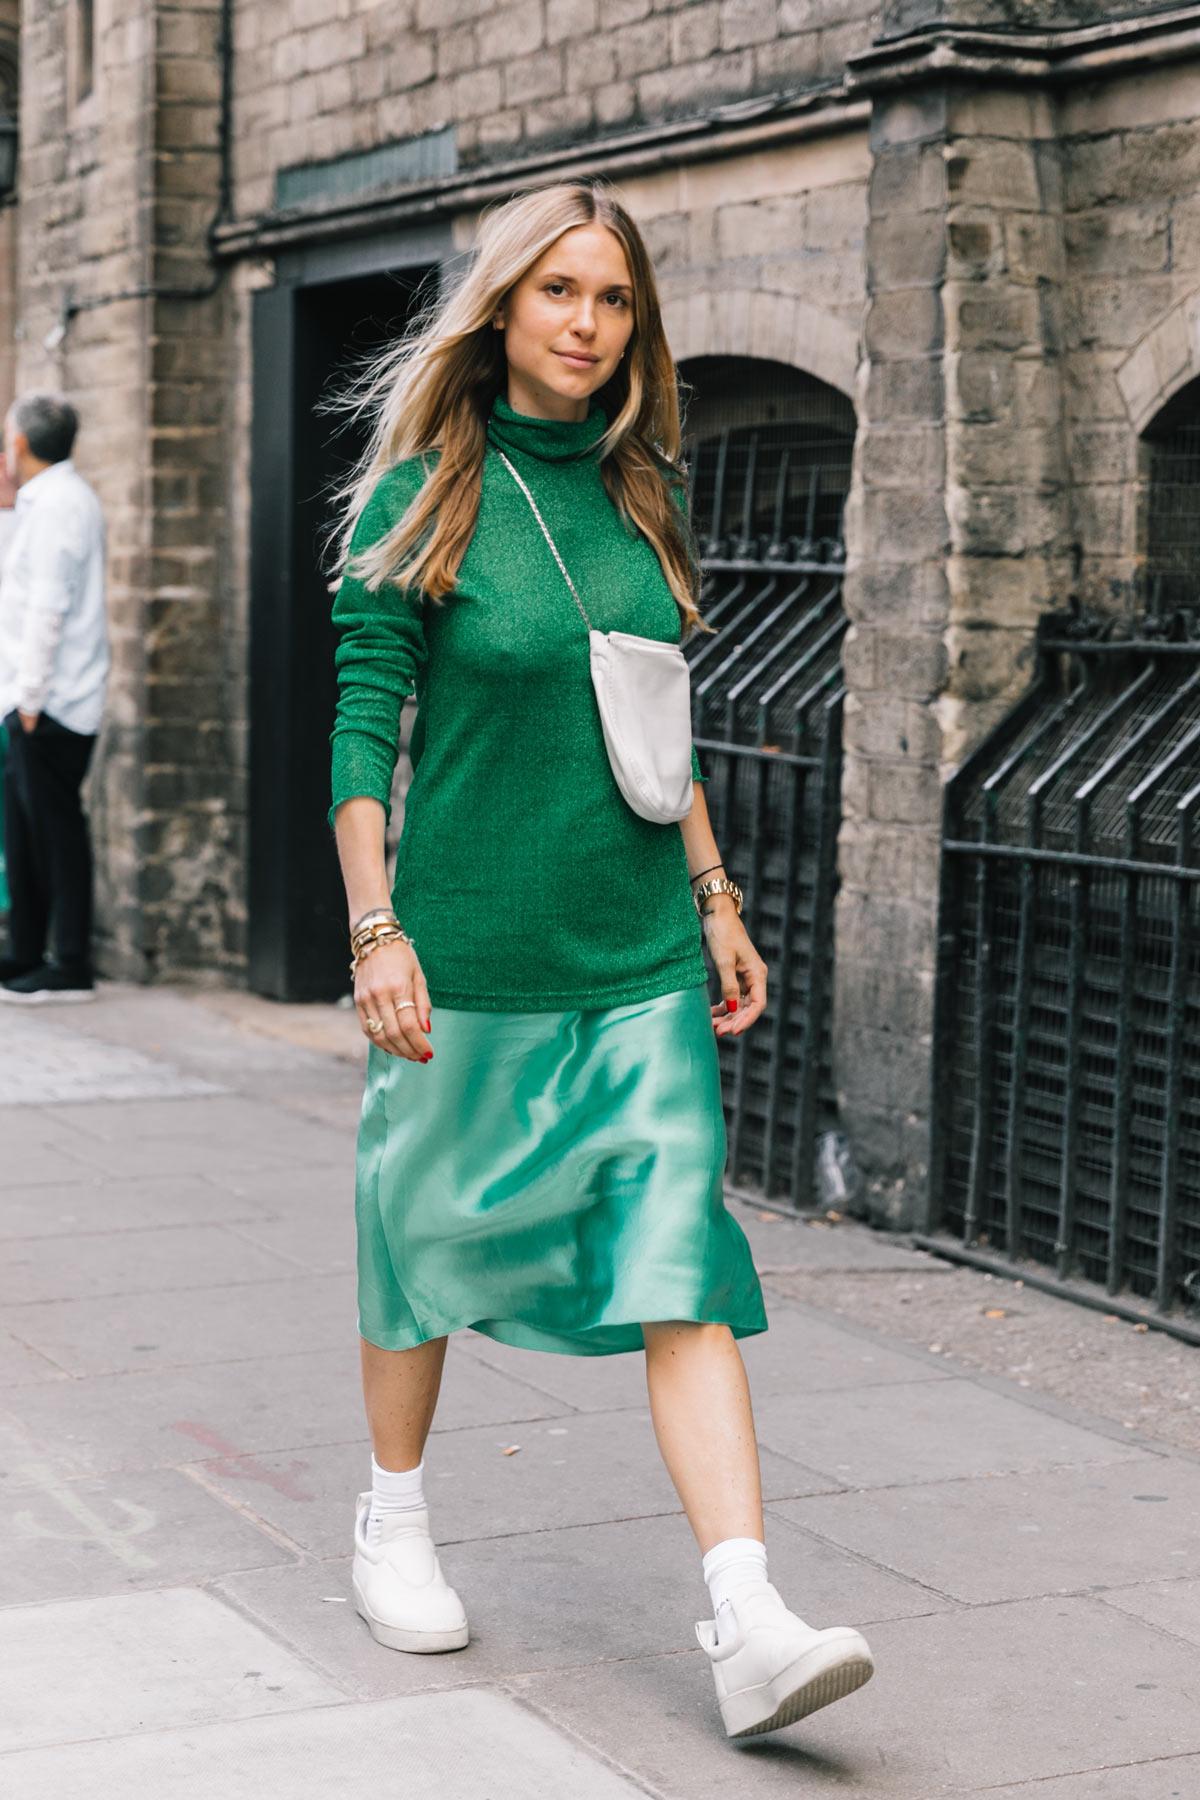 street_style_london_fashion_week_dia_2_mm6_maison_margiela_versus_versace_topshop_unique_990519760_1200x1800